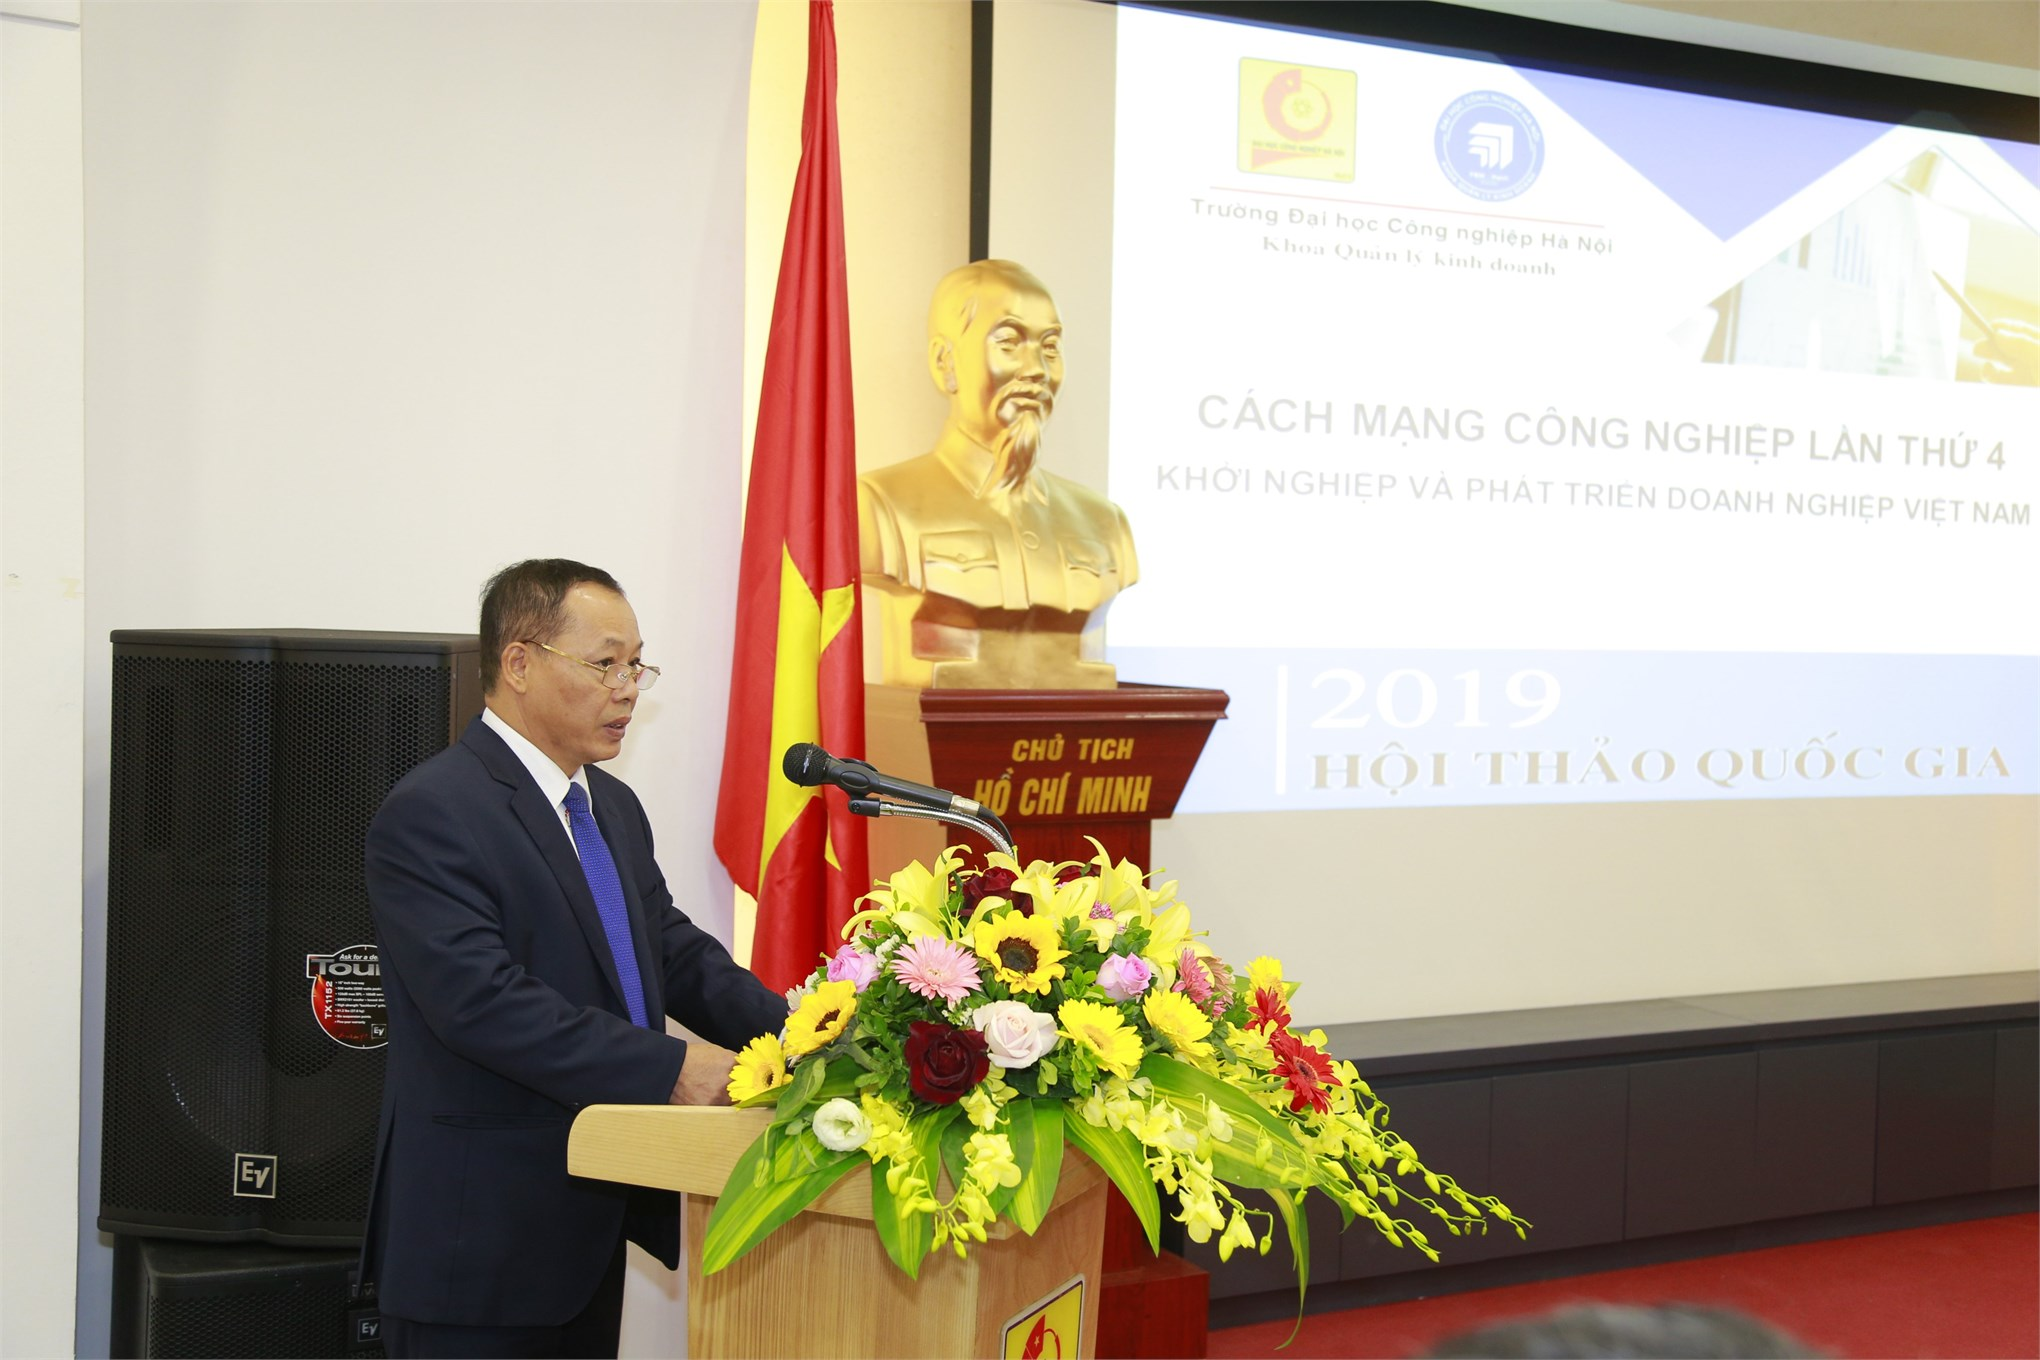 TS. Nguyễn Anh Tuấn – Phó Hiệu trưởng Nhà trường phát biểu khai mạc Hội thảo